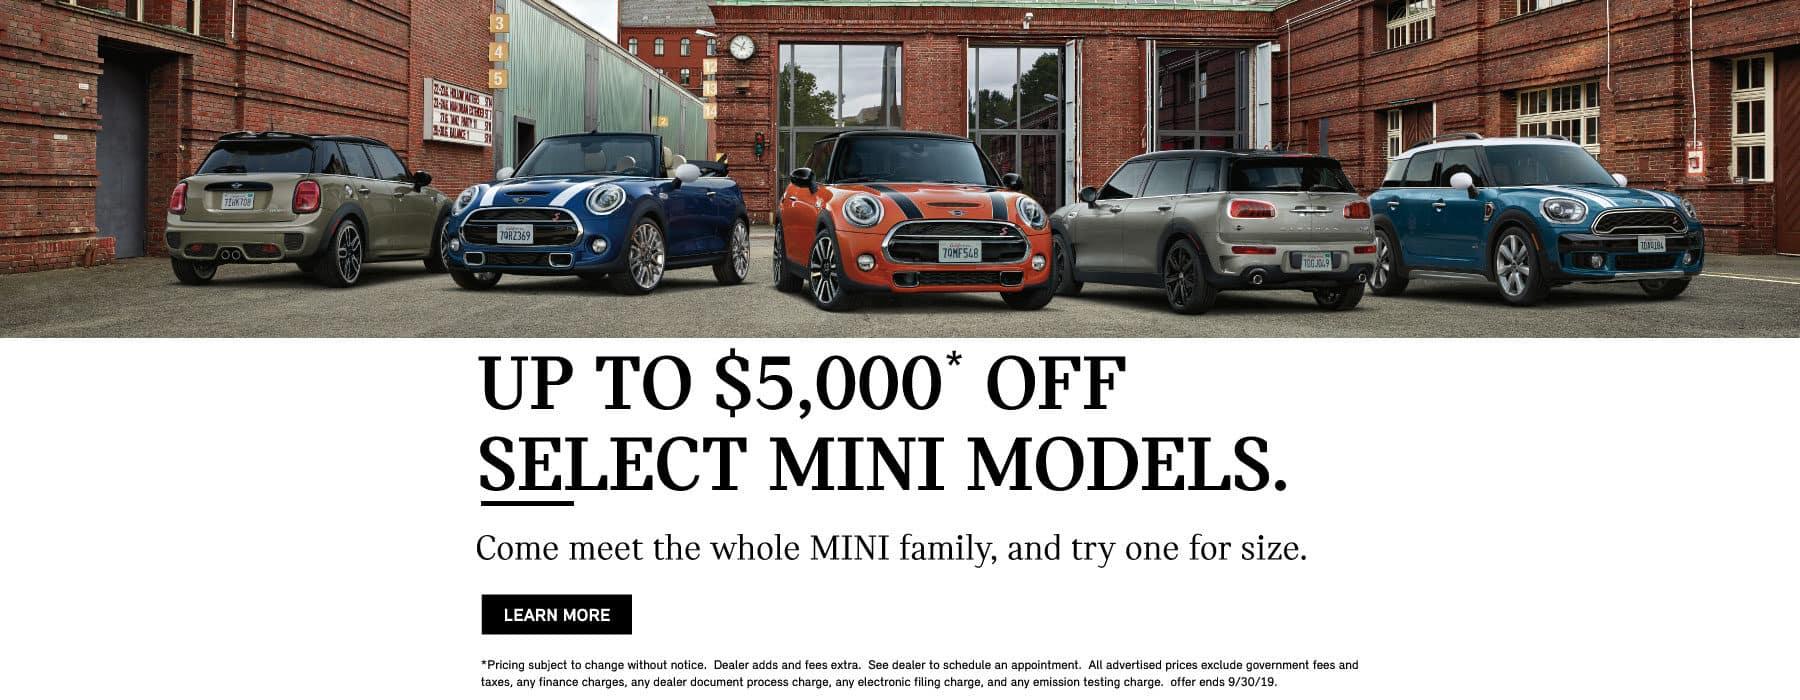 MINI of Escondido | Auto Sales & Service Repair near San